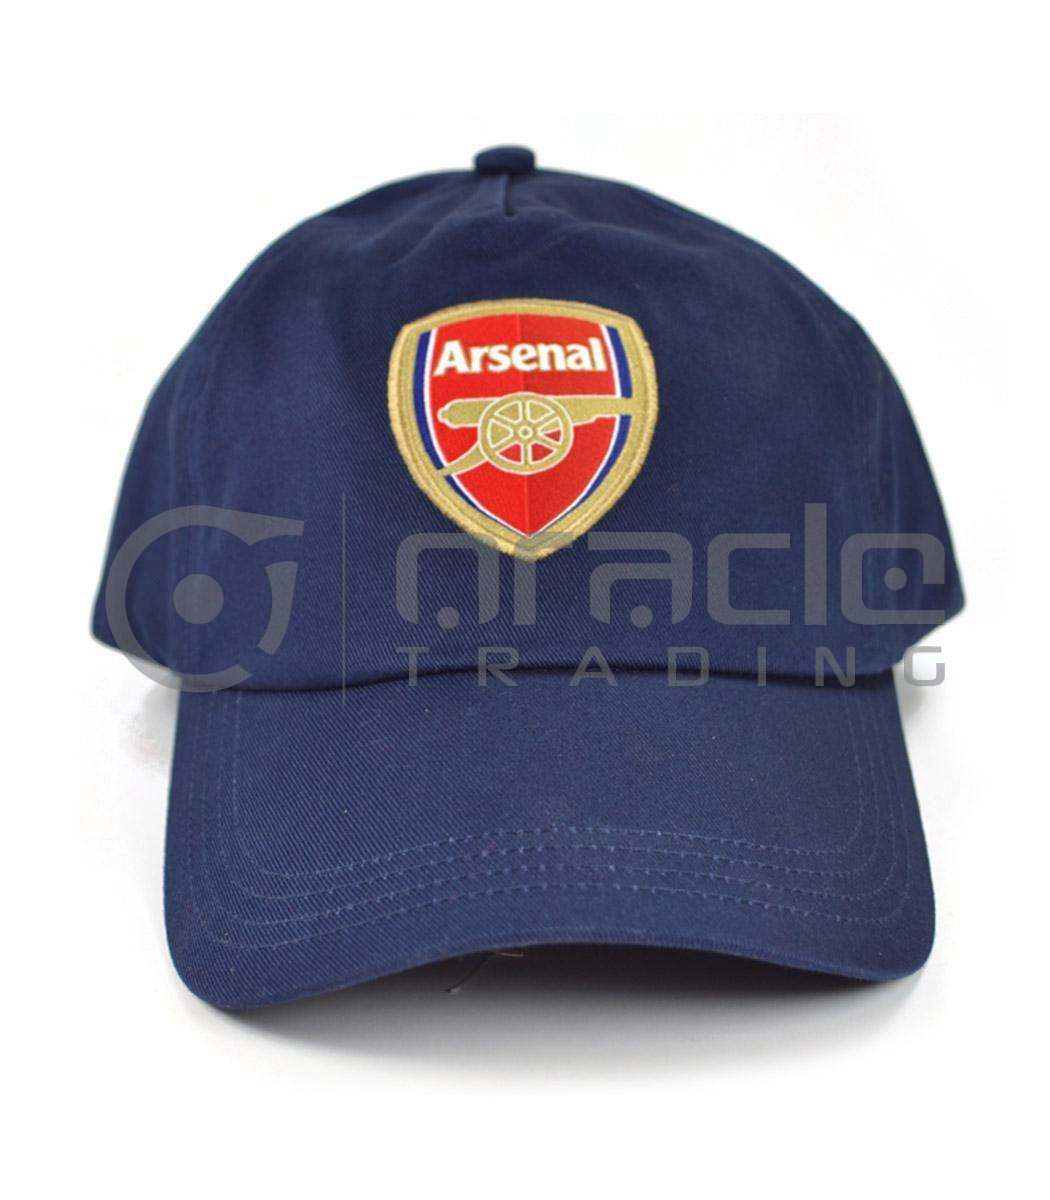 Arsenal Navy Crest Hat - Puma